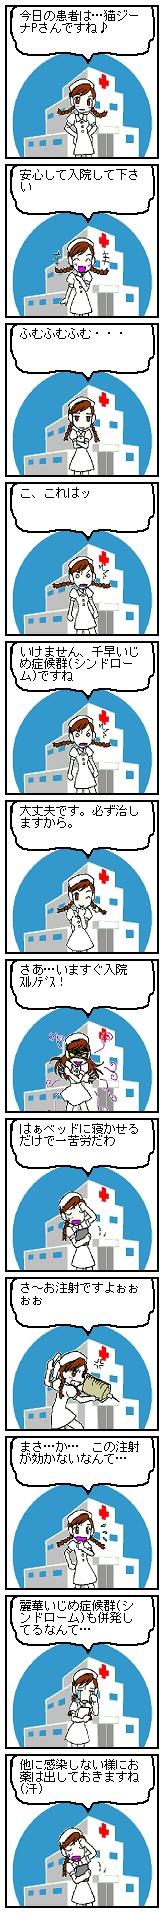 猫ジーナPでアイマス漫画、いや、病院が来いッ!w